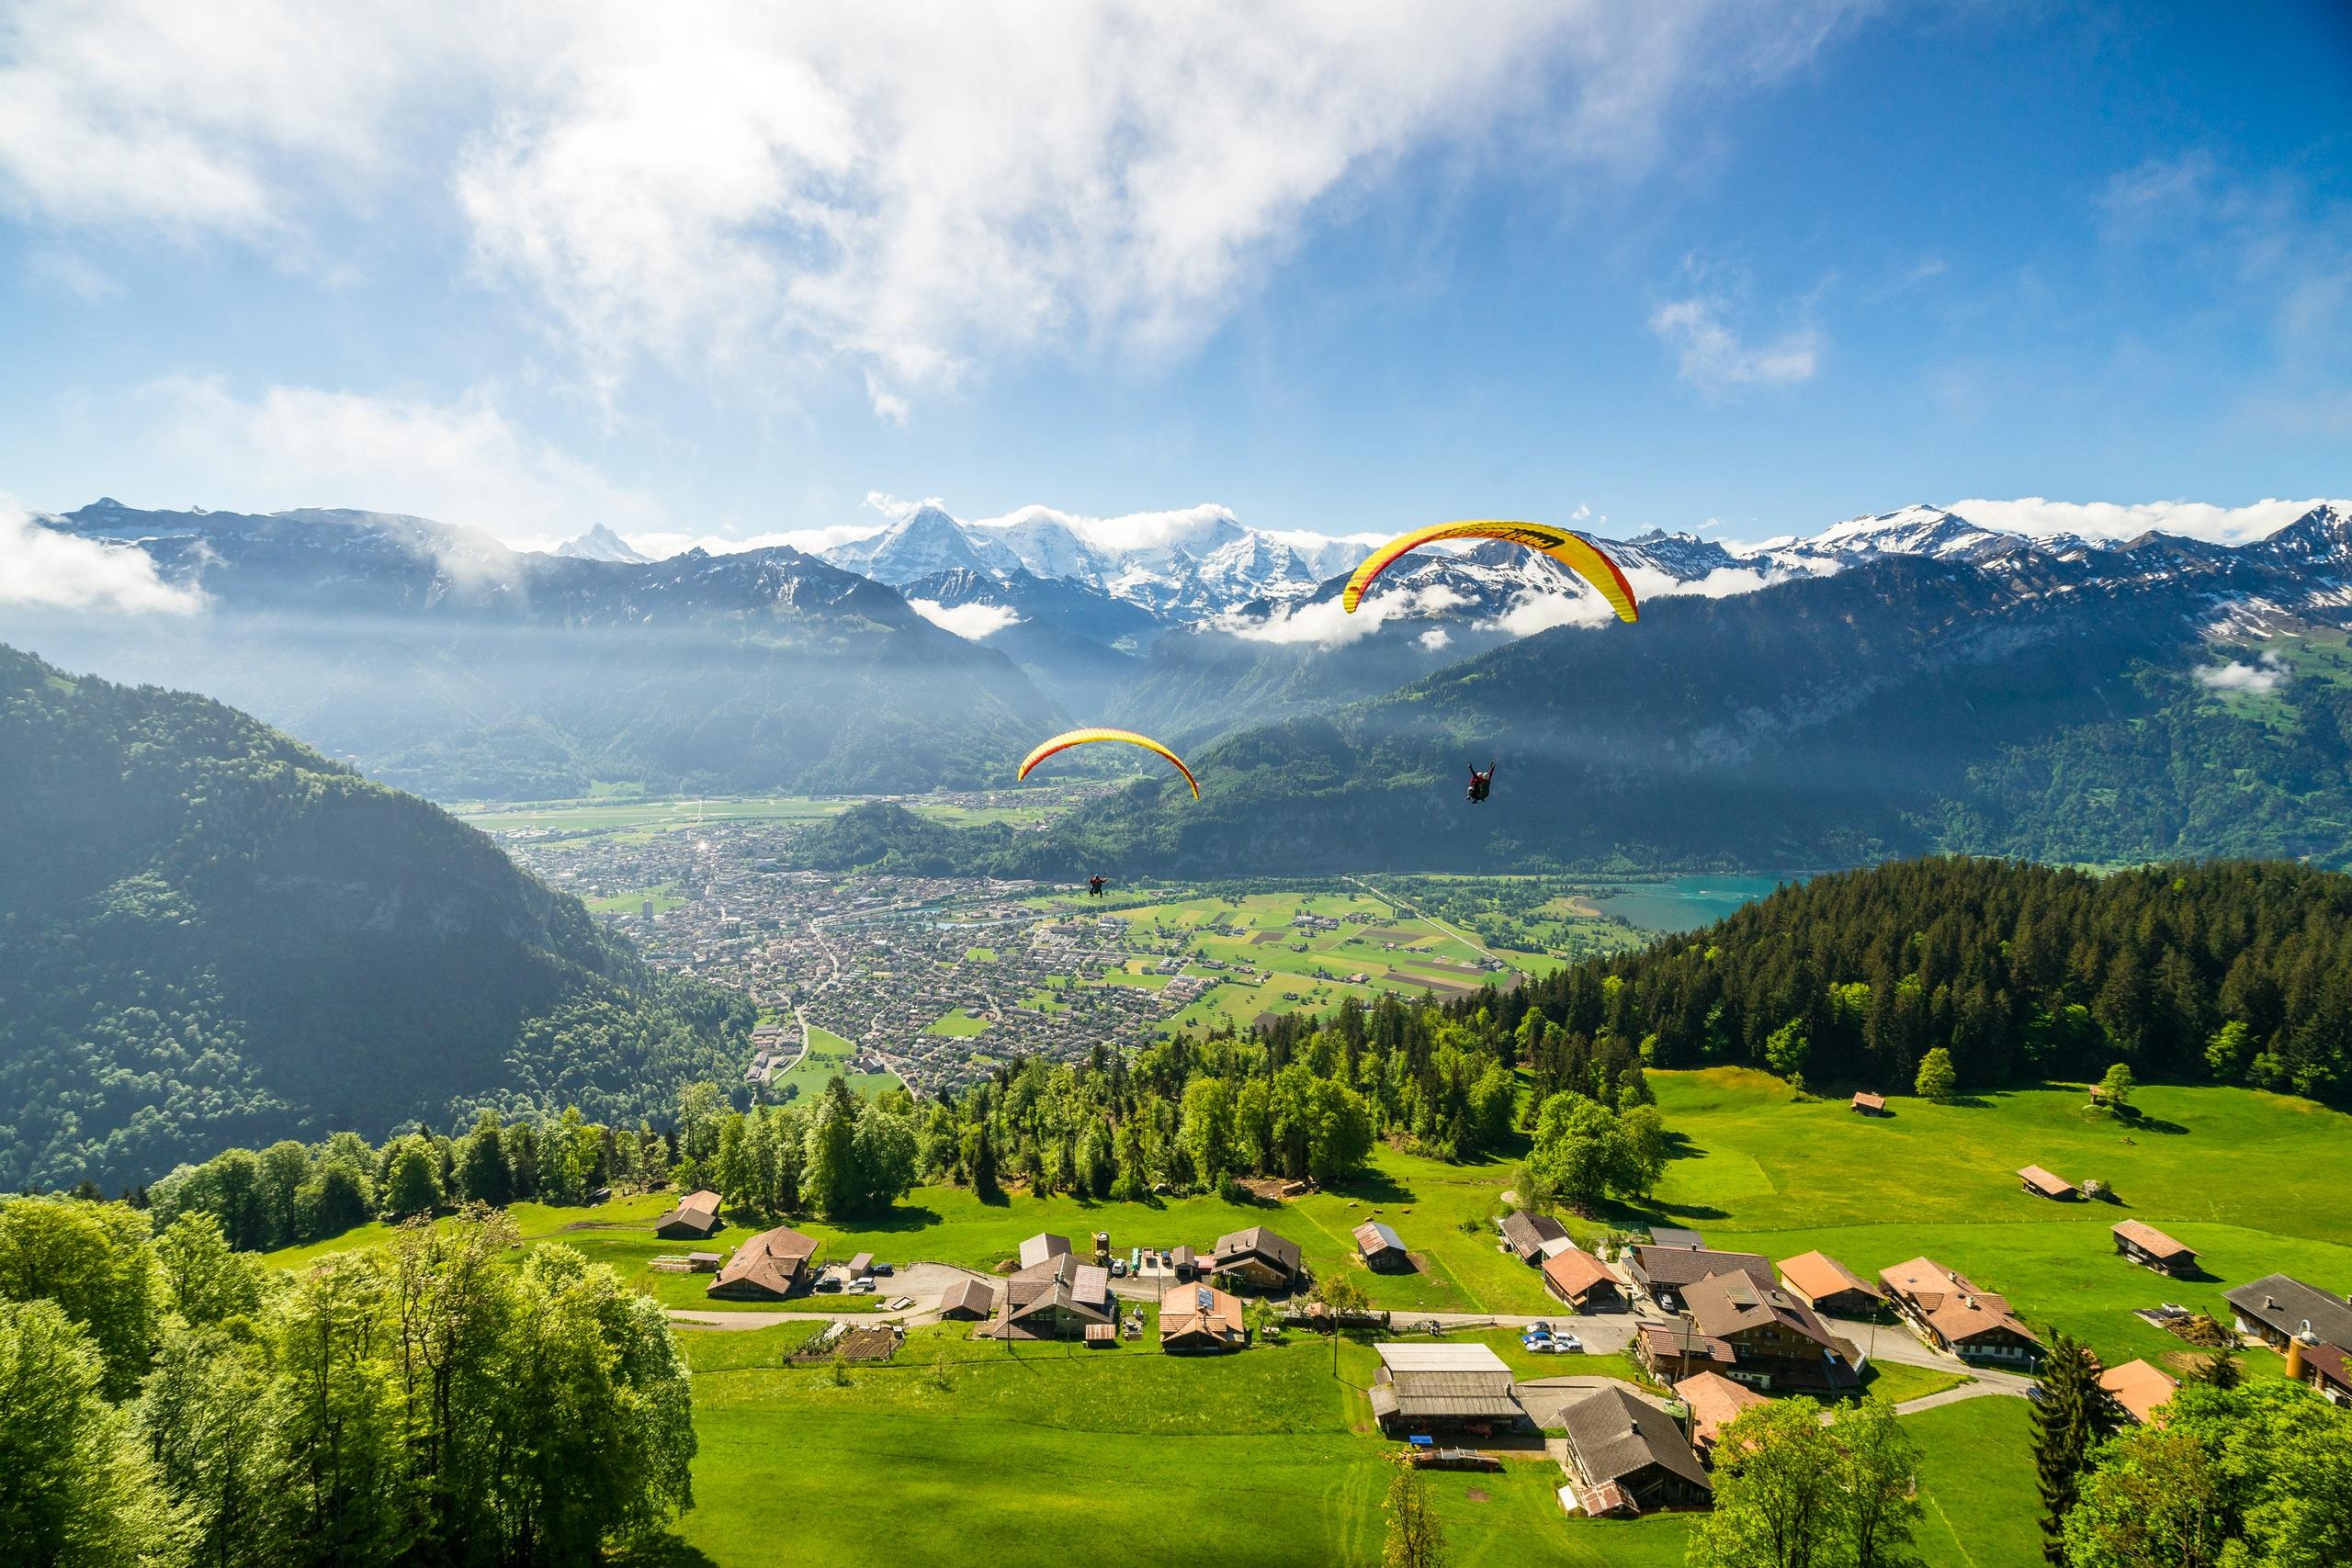 paragliding-interlaken-sommer-beatenberg-sonnenschein